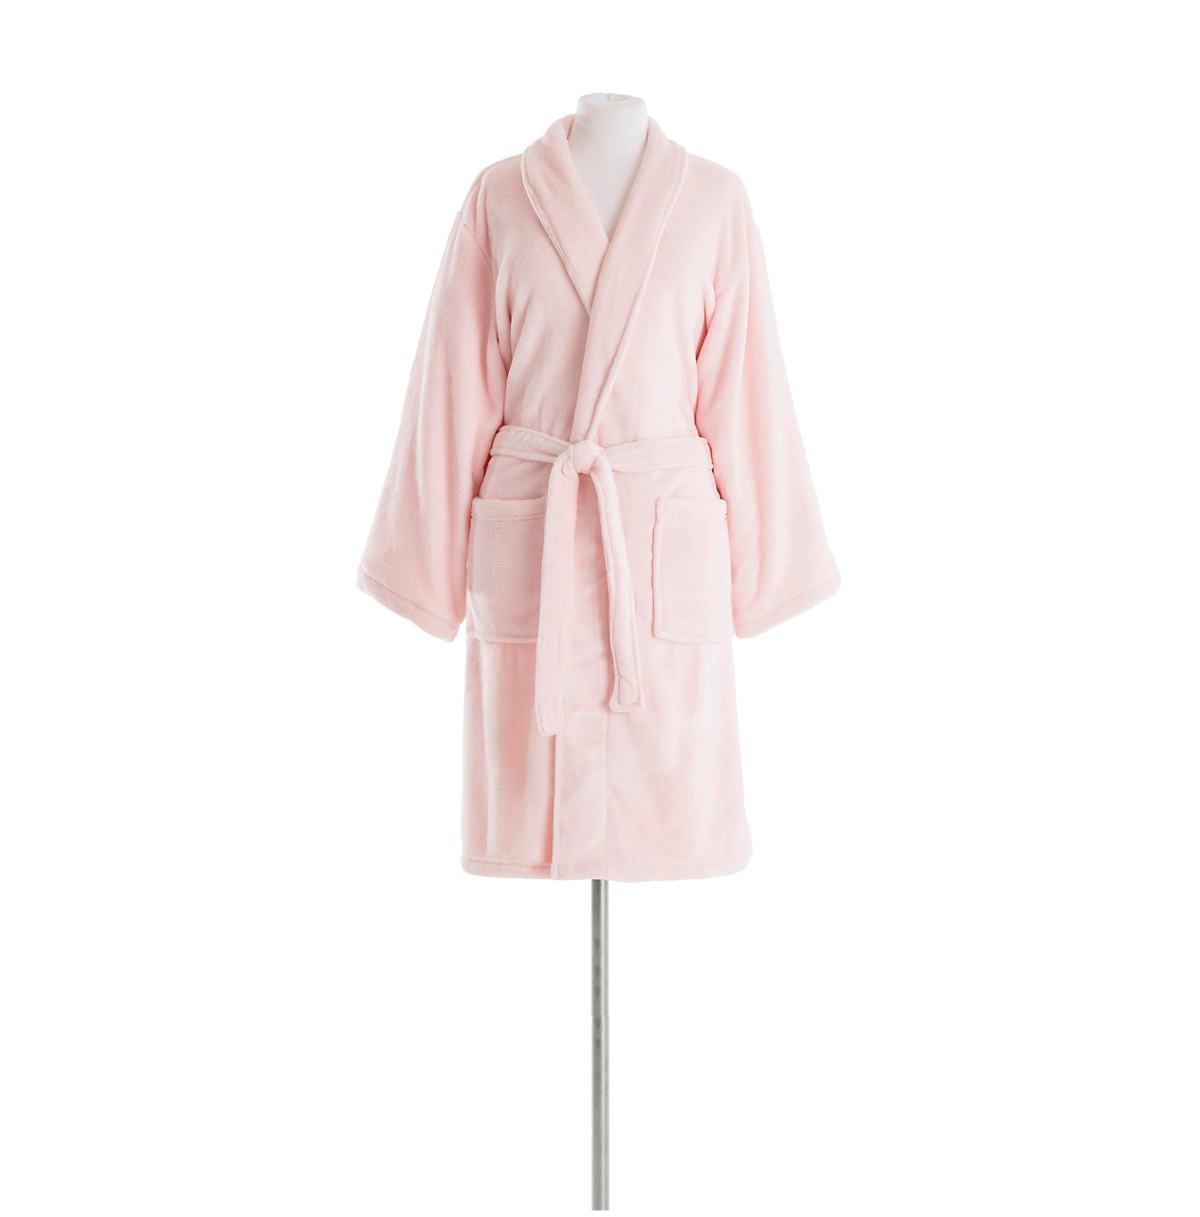 Sheepy Fleece Pale Rose Shortie Robe